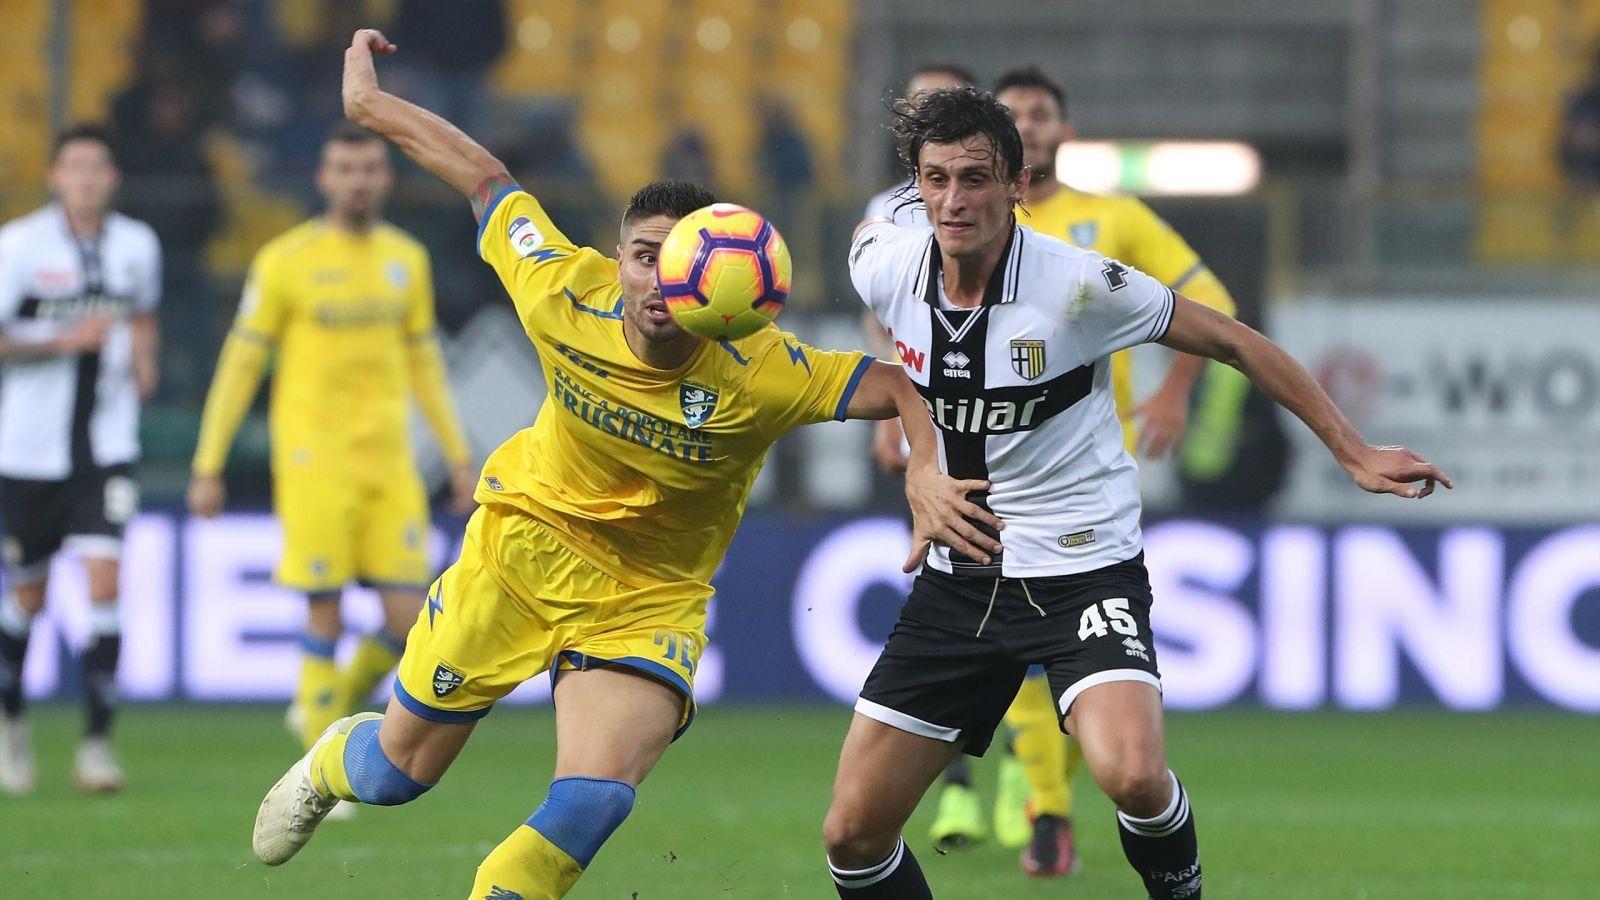 Parma vs Frosinone Free Betting Tips